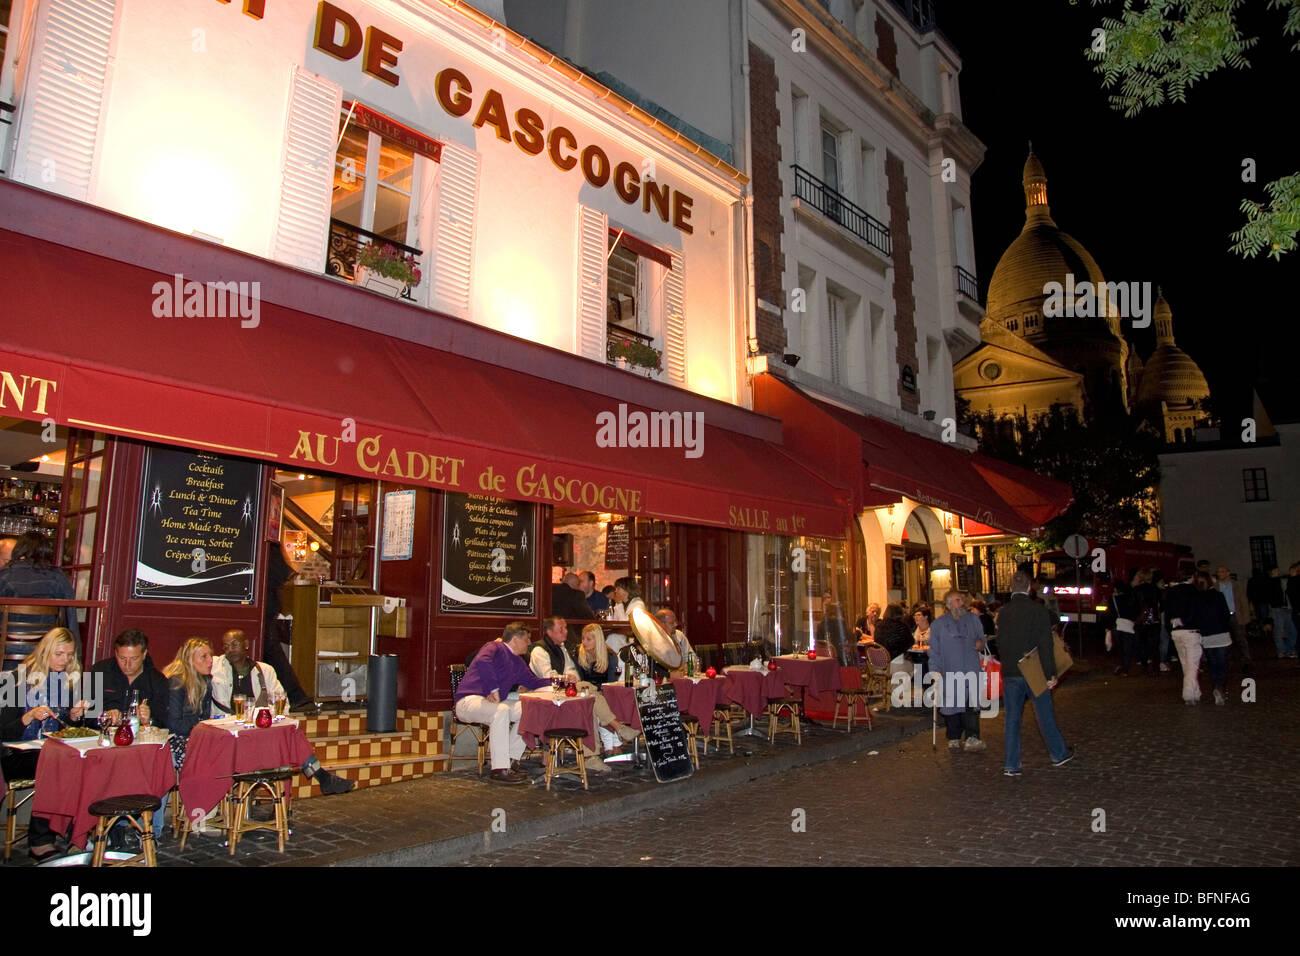 Restaurant-außen- und Nachtleben in Montmartre-Viertel von Paris, Frankreich. Stockbild